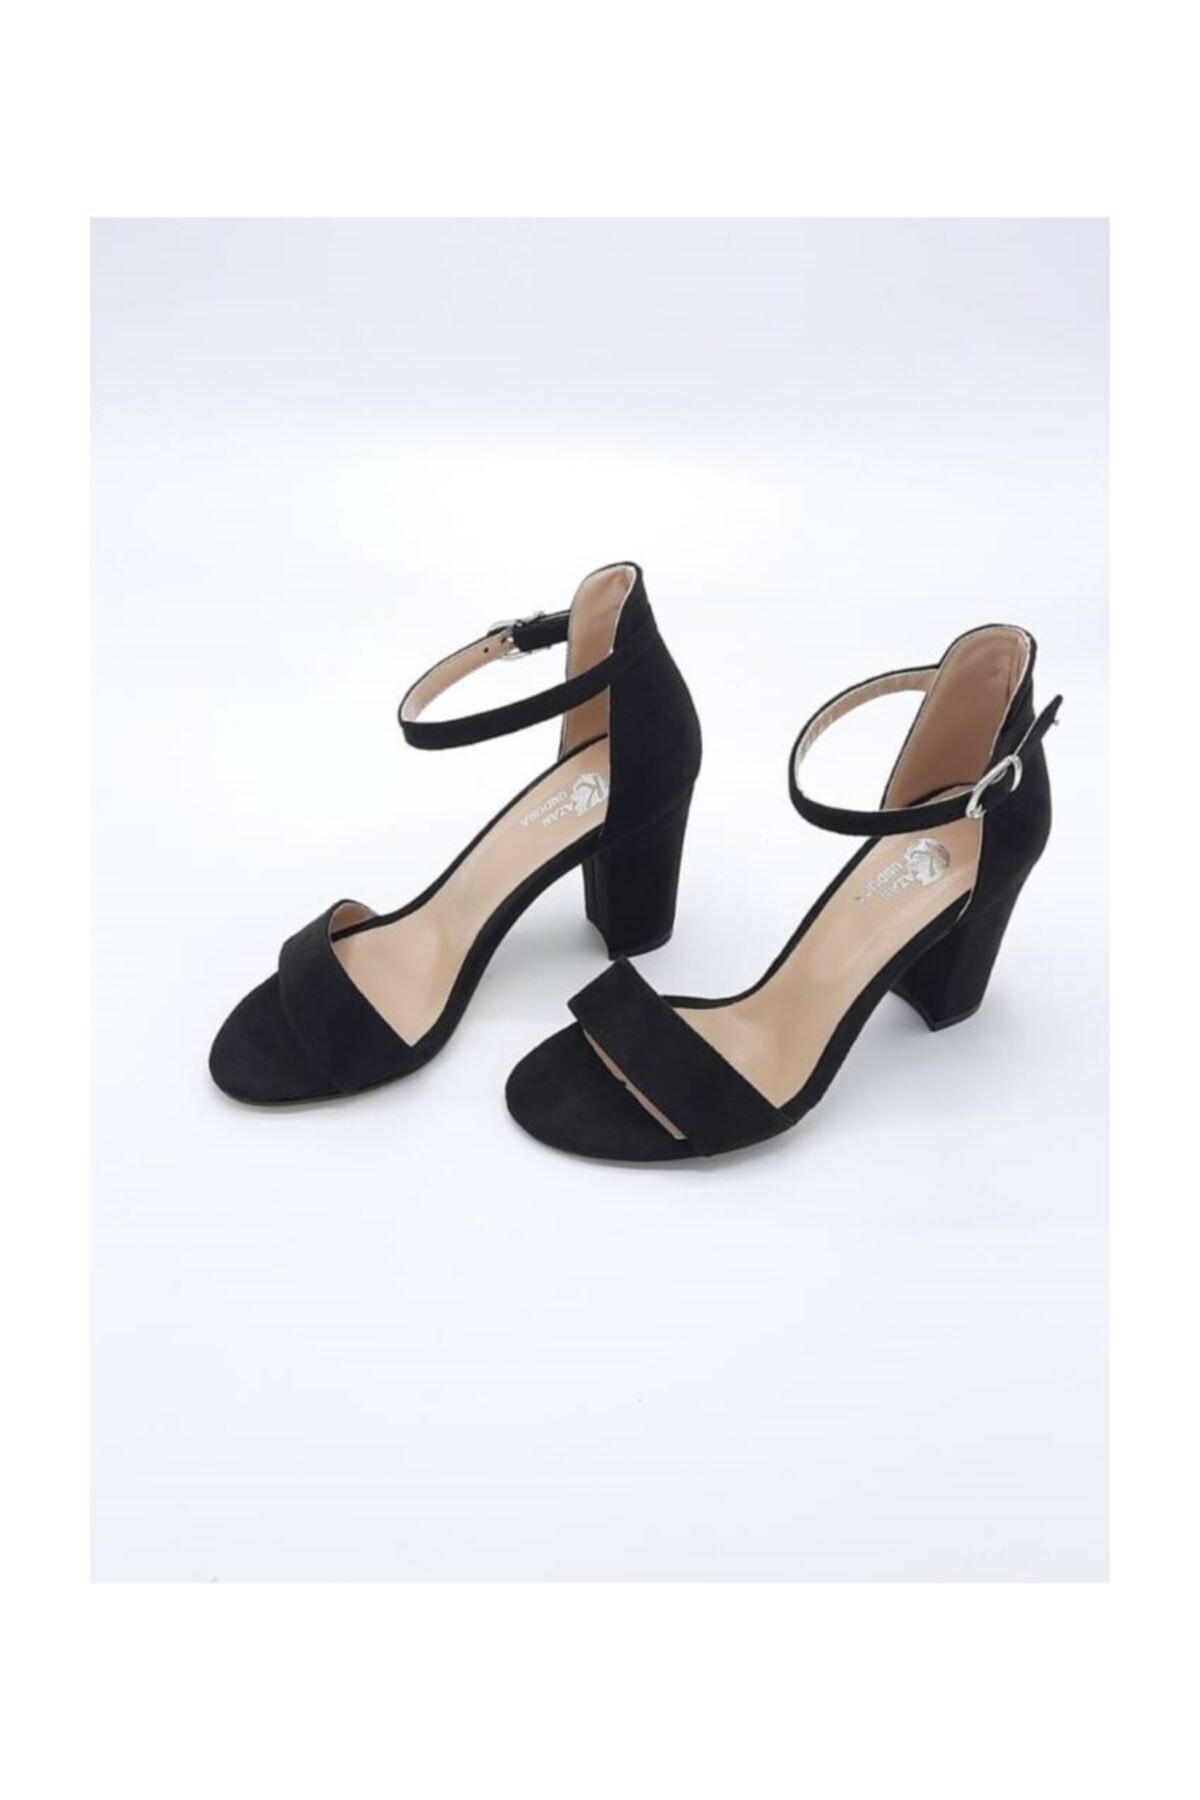 Stella Kadın Siyah Tekbant Süet Topuklu Ayakkabı 1